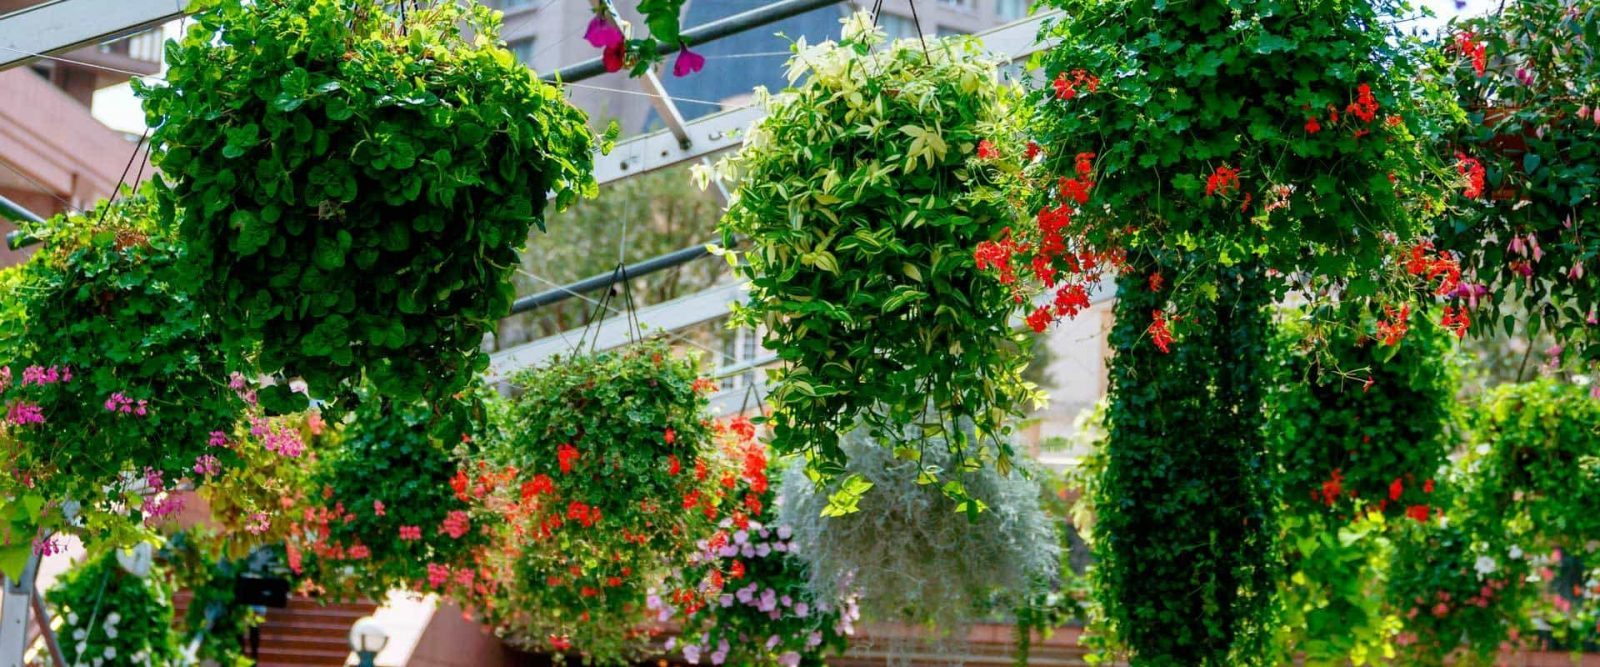 Trendy il garden design il lusso della quiete with for Design giardini